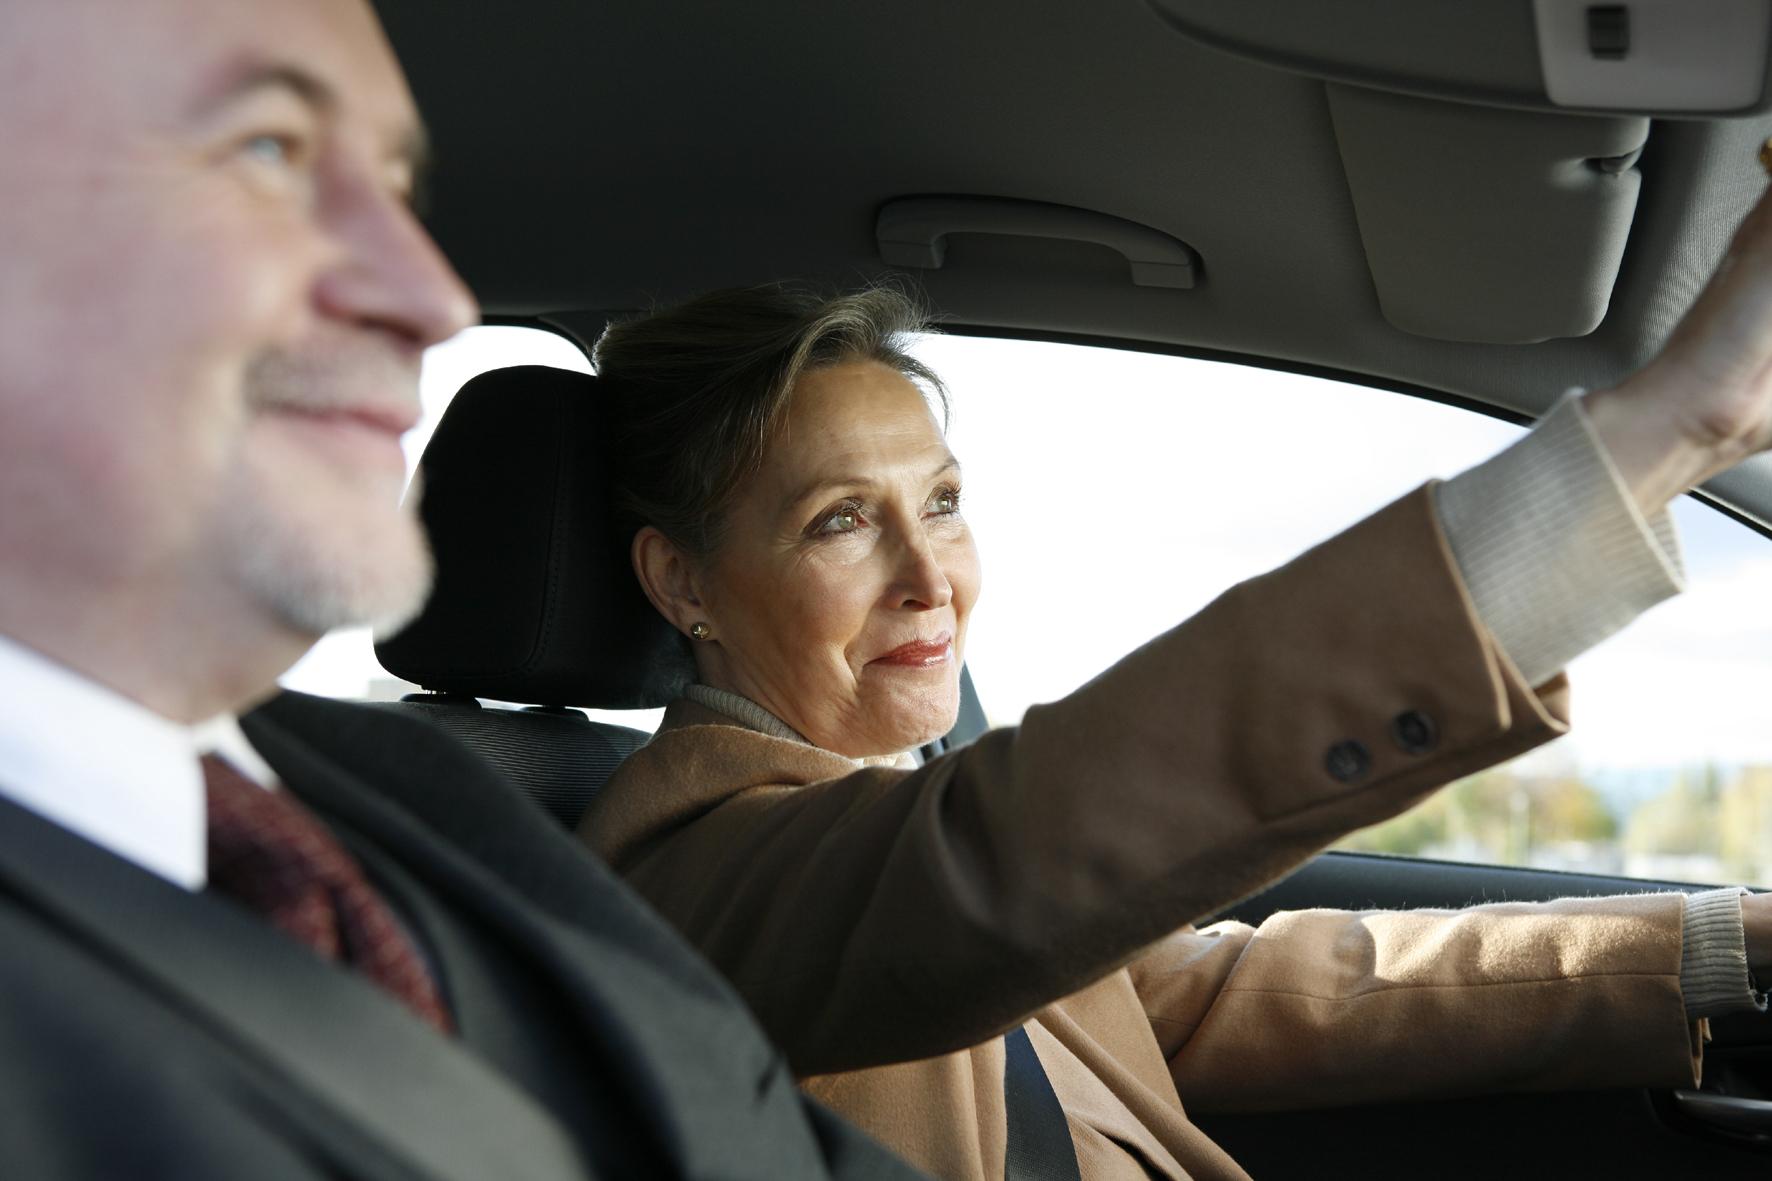 mid Groß-Gerau - Andersherum wäre es besser: Frauen sind auf dem Beifahrersitz willkommener als Männer.